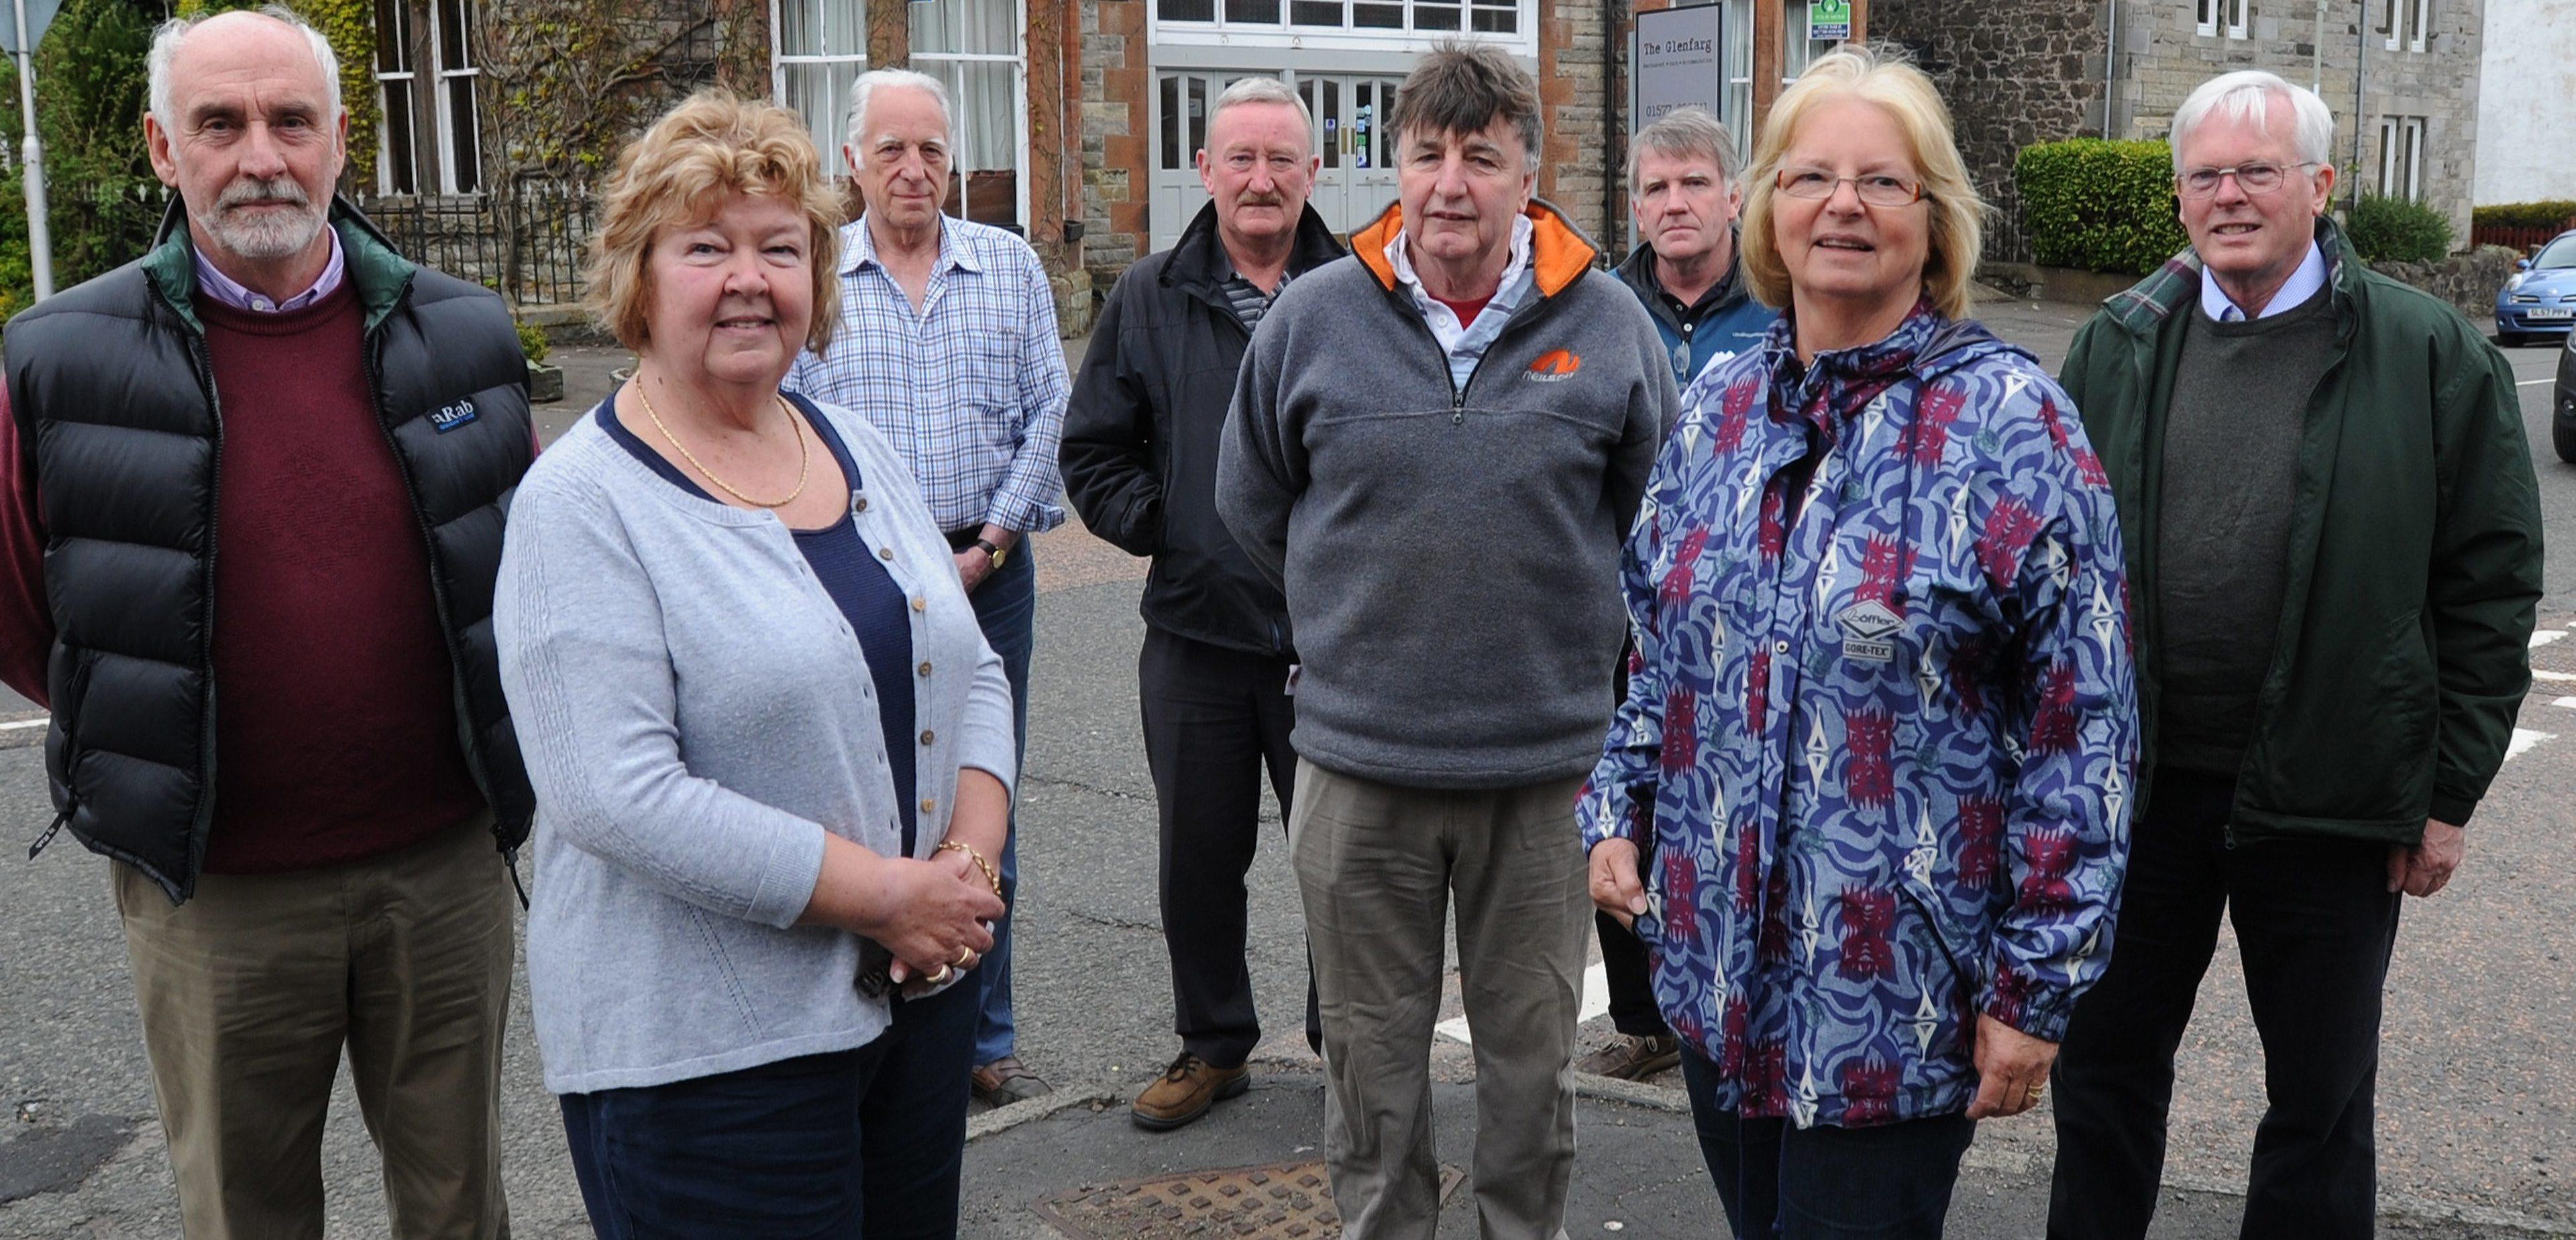 Members of the Glenfarg Community Company pictured beside the Glenfarg Hotel.